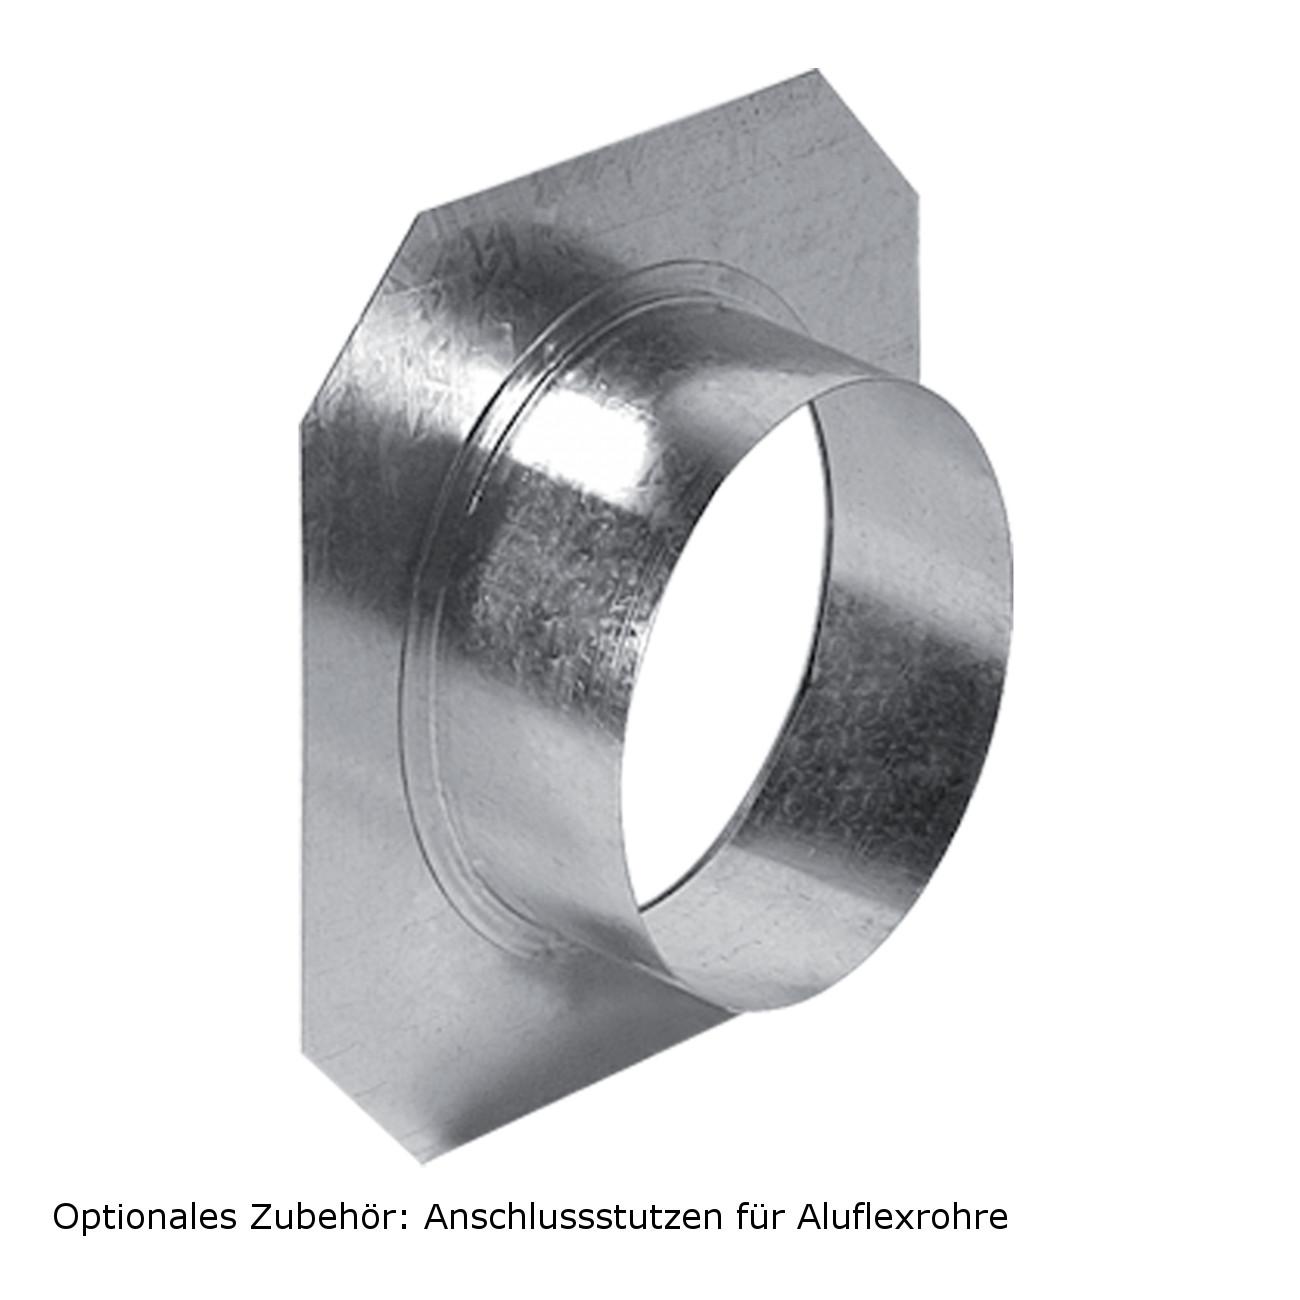 anschlussstutzen-aluflexrohre-arke